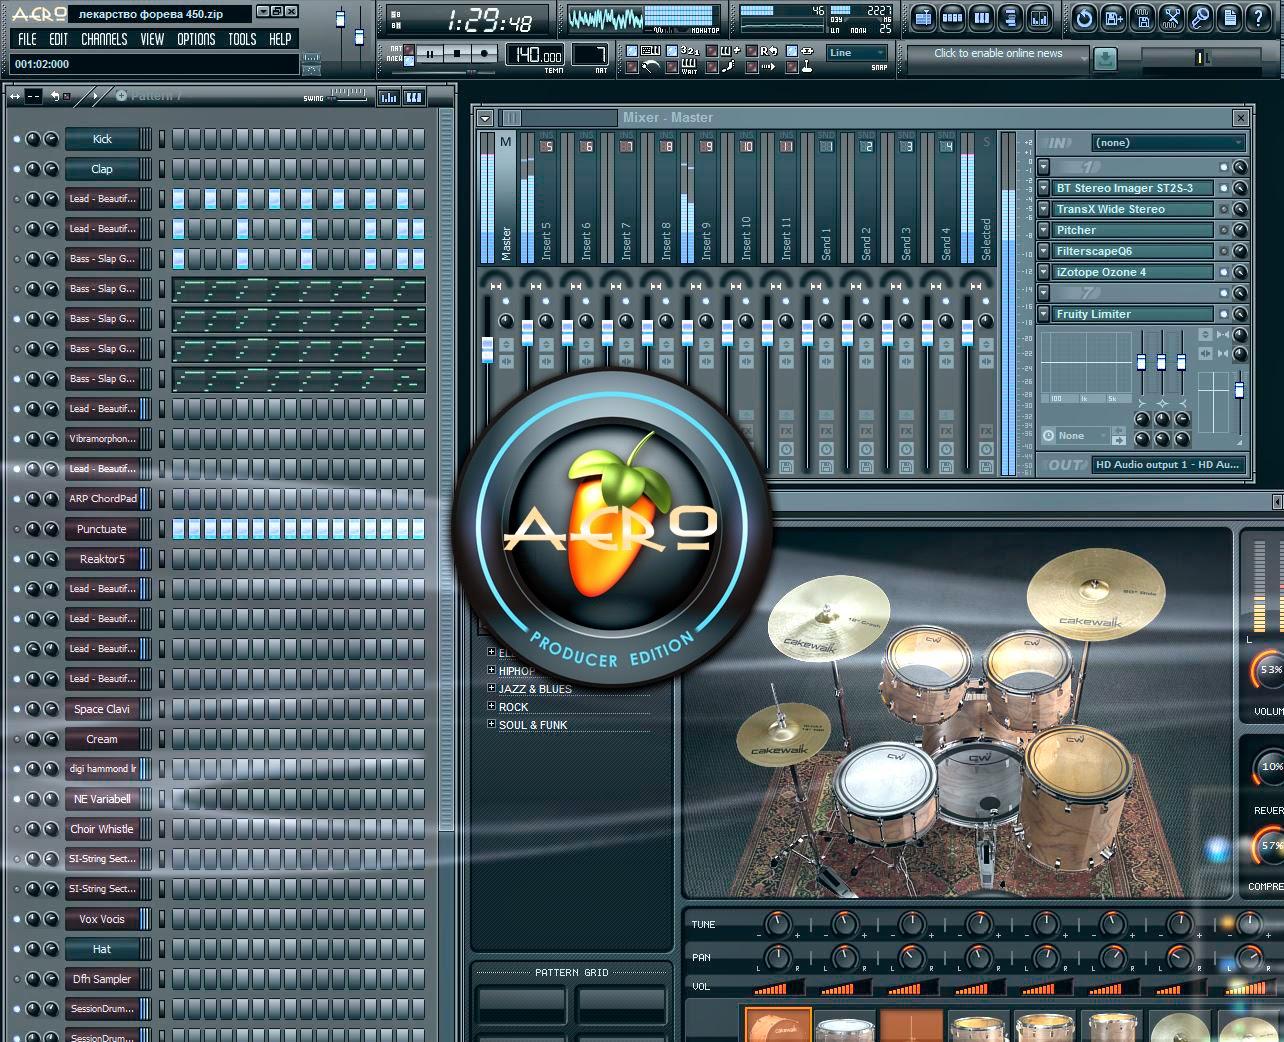 Fl studio 10 0 9c producer edition final key gtd